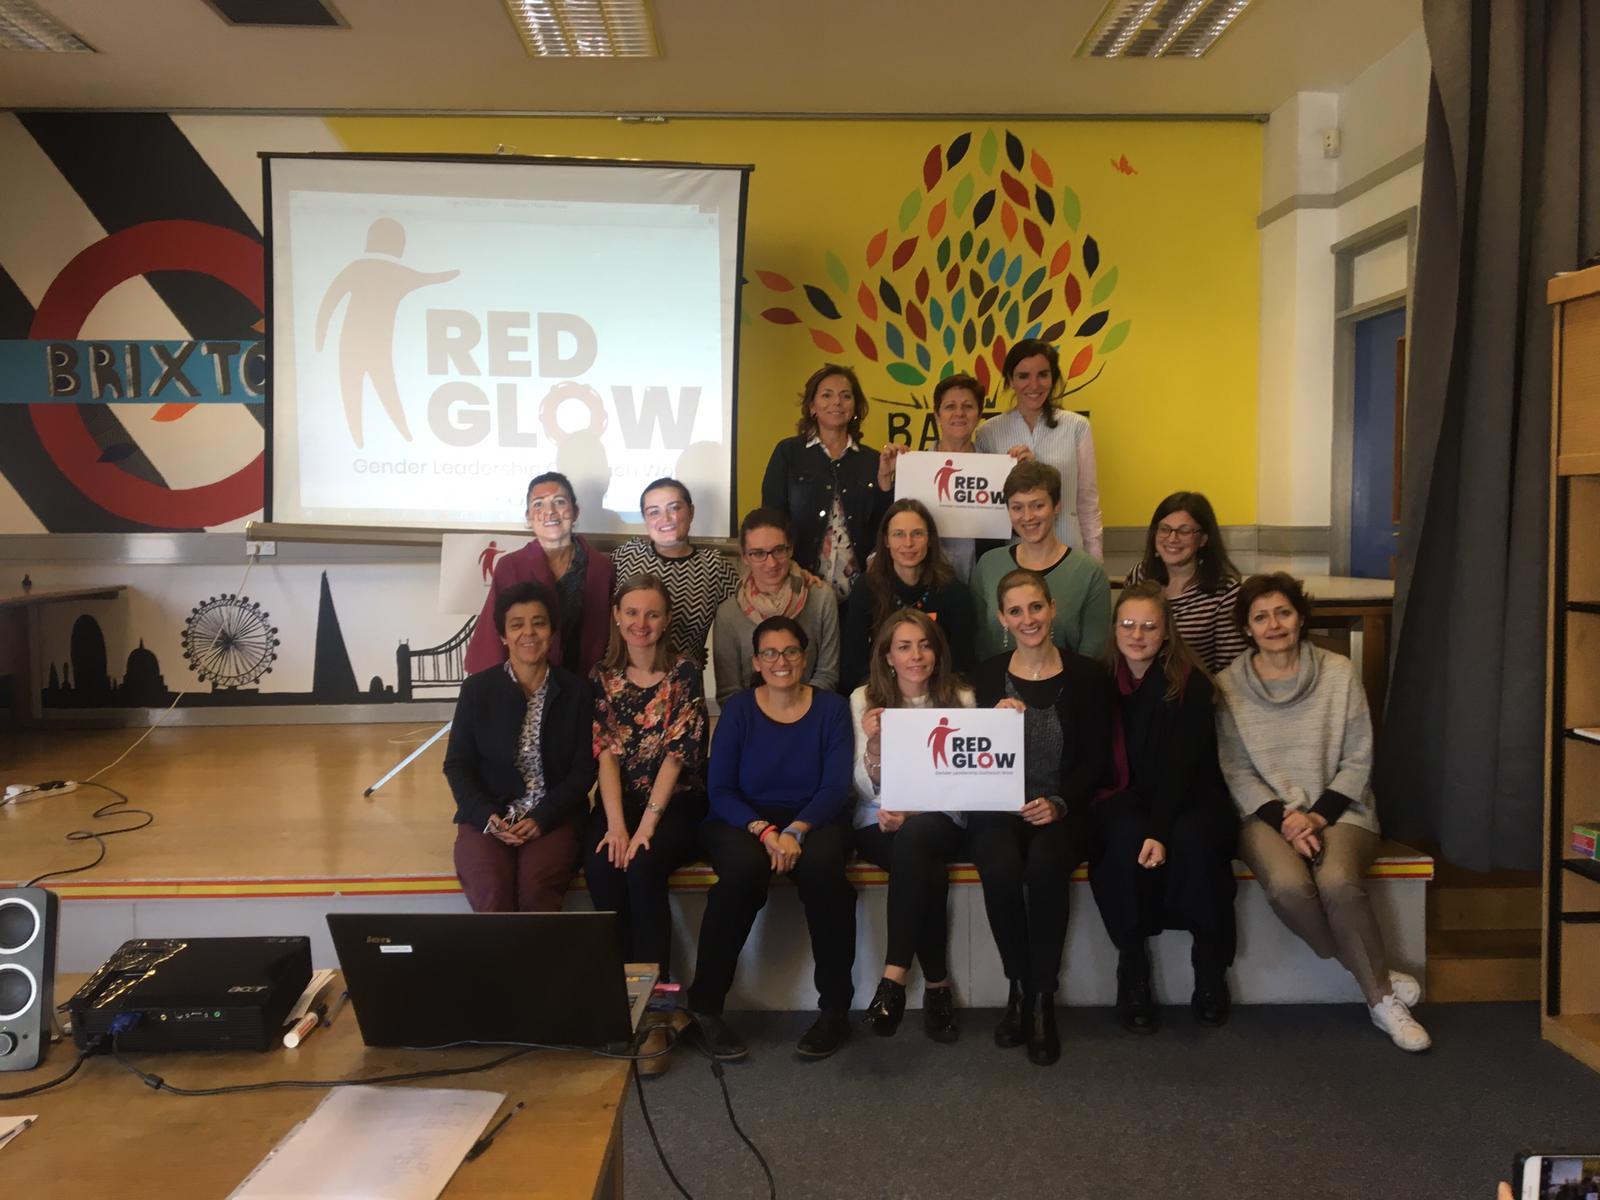 Encuentro de los Youth Workers del Proyecto Red Glow en Londres